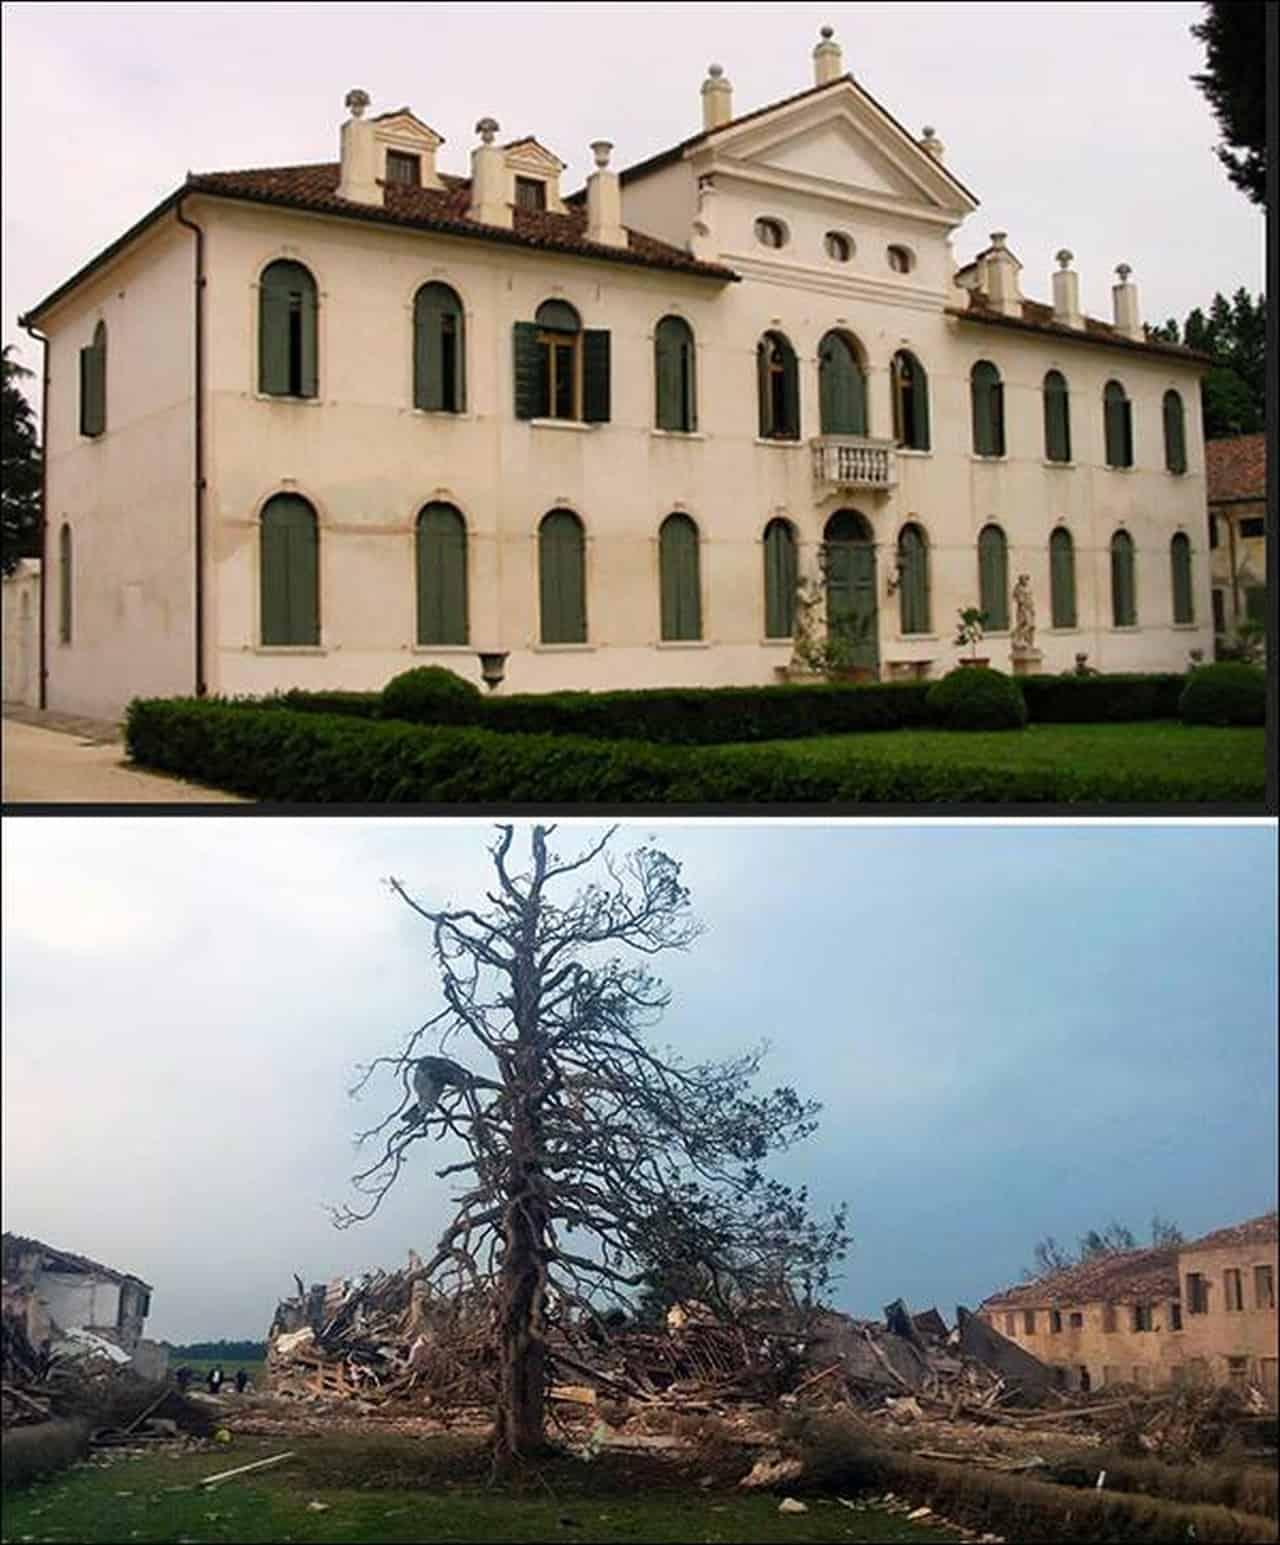 villa fini - TORNADO DEVASTANTE dell'8 luglio 2015. Uno degli eventi meteo più estremi